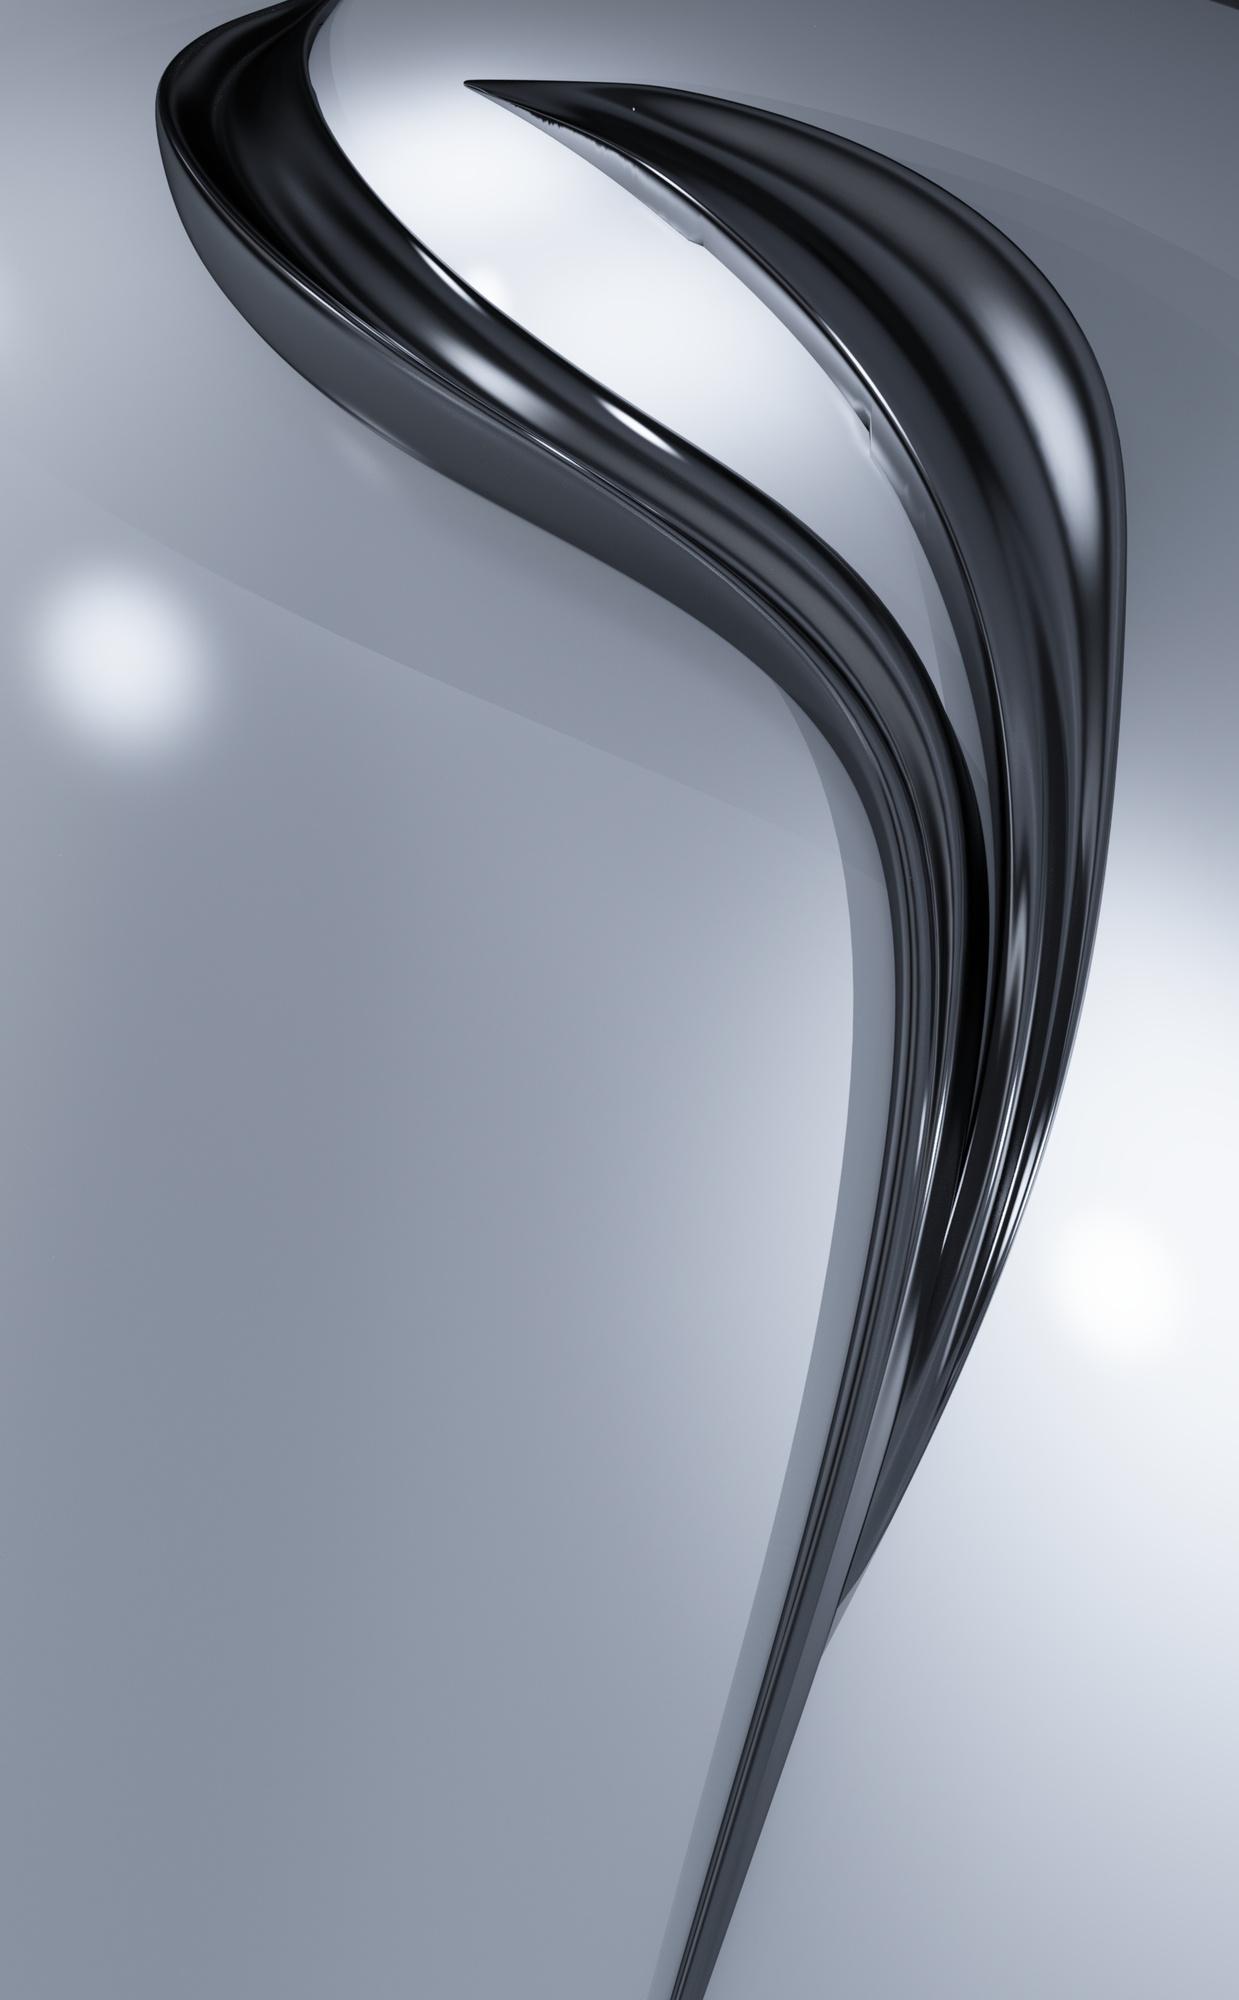 Raas-rendering20150201-20146-1fmb0d